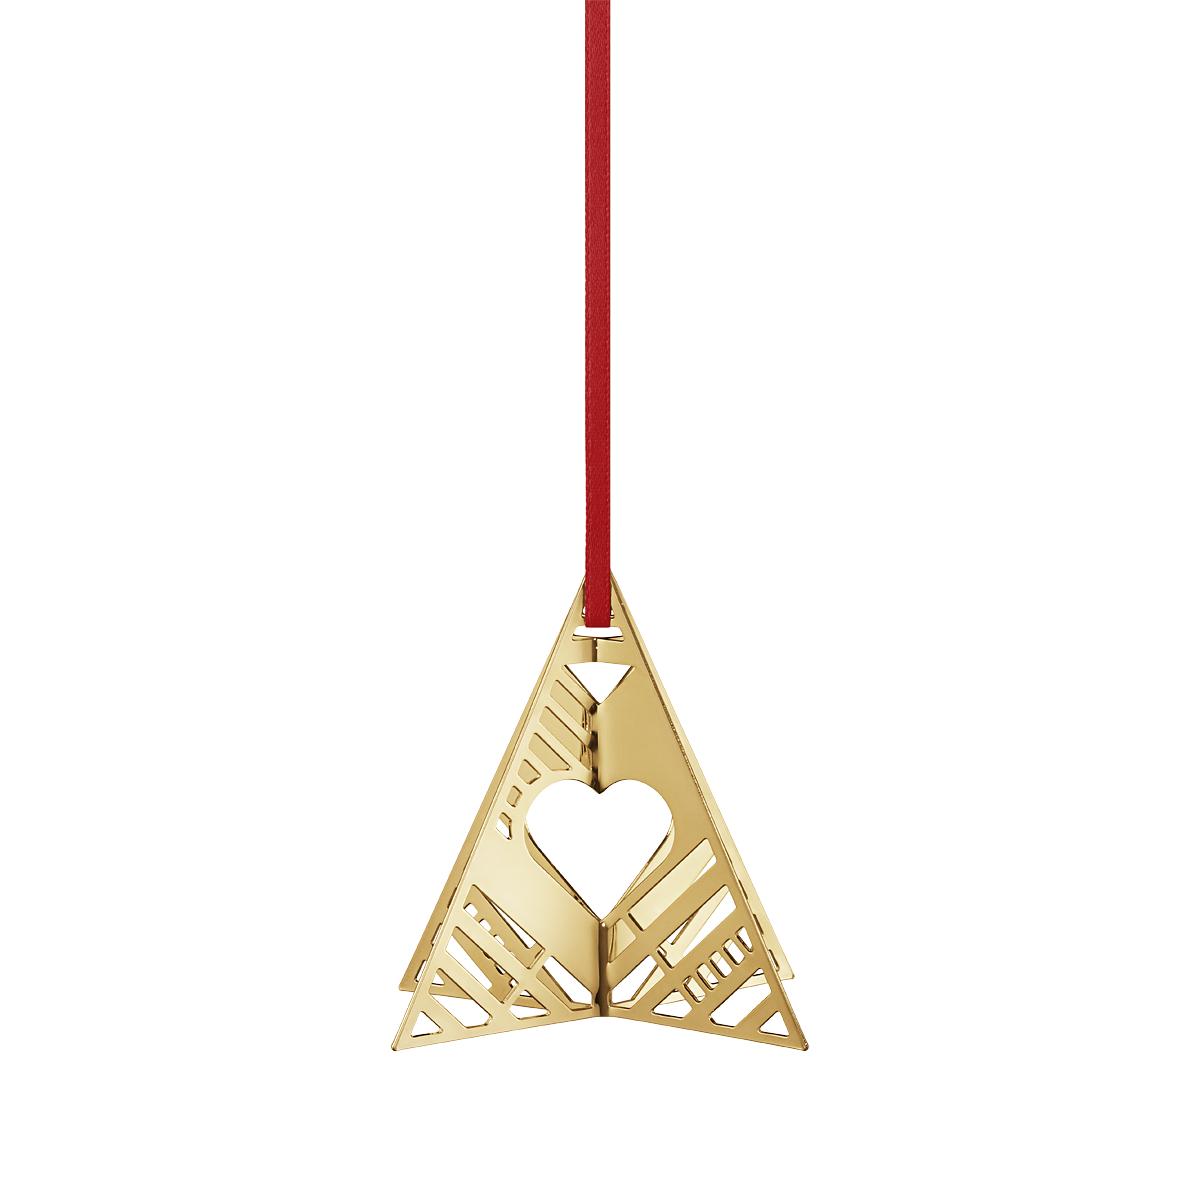 Image of Georg Jensen Juletræ Ornament - 10015297